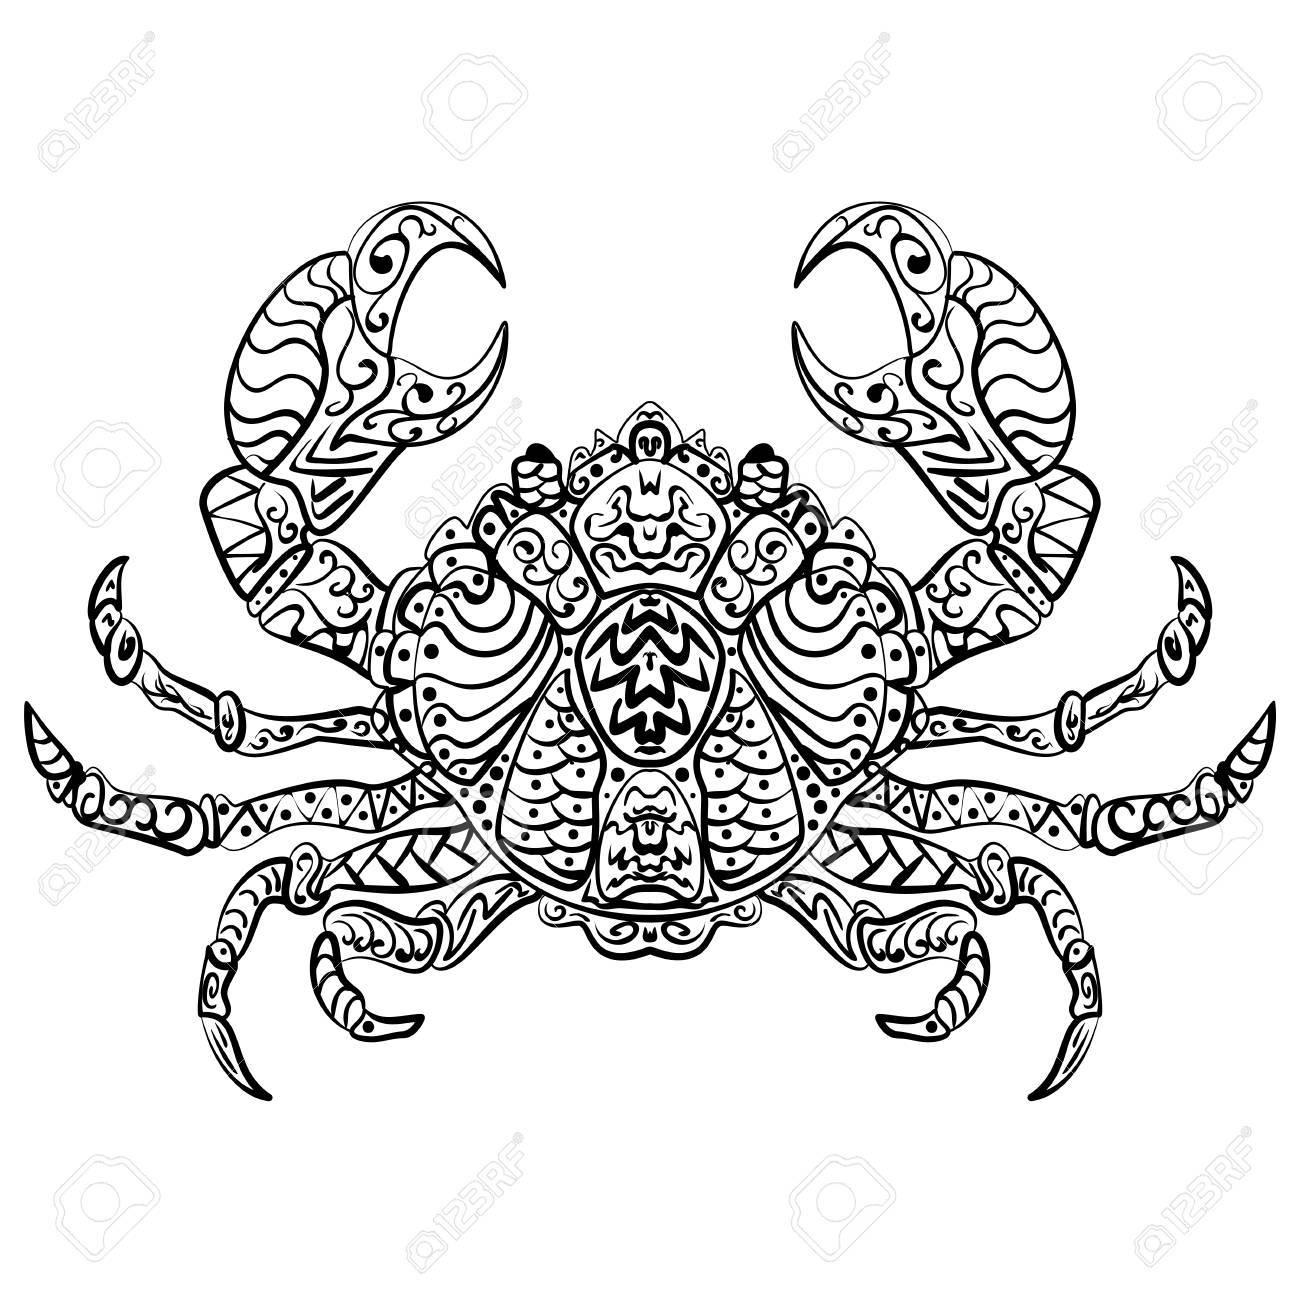 Zentangle Estilizada Vector Ilustración Mar Cangrejo. Dibujo En ...